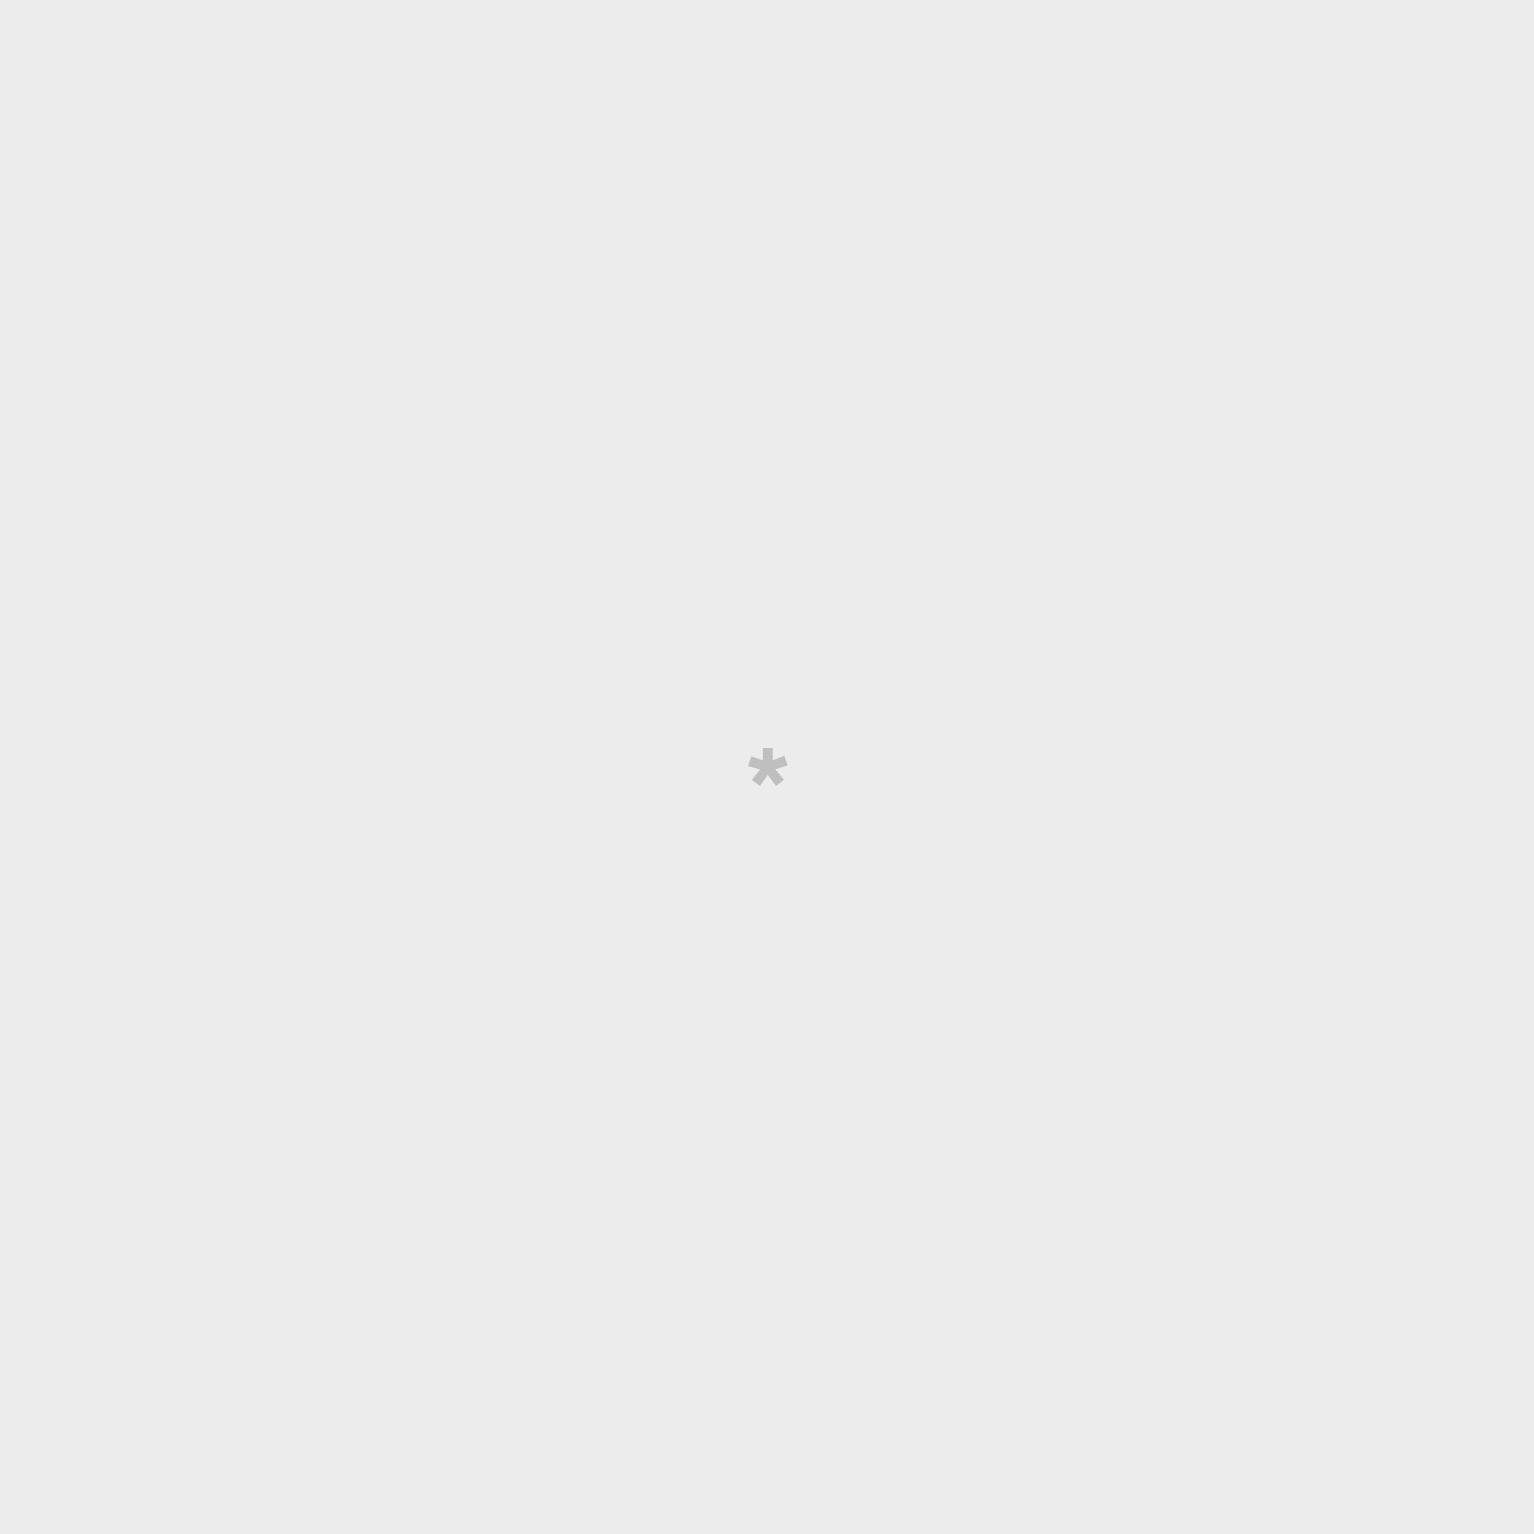 Tazza - Con tutto quel talento, ti faranno un monumento